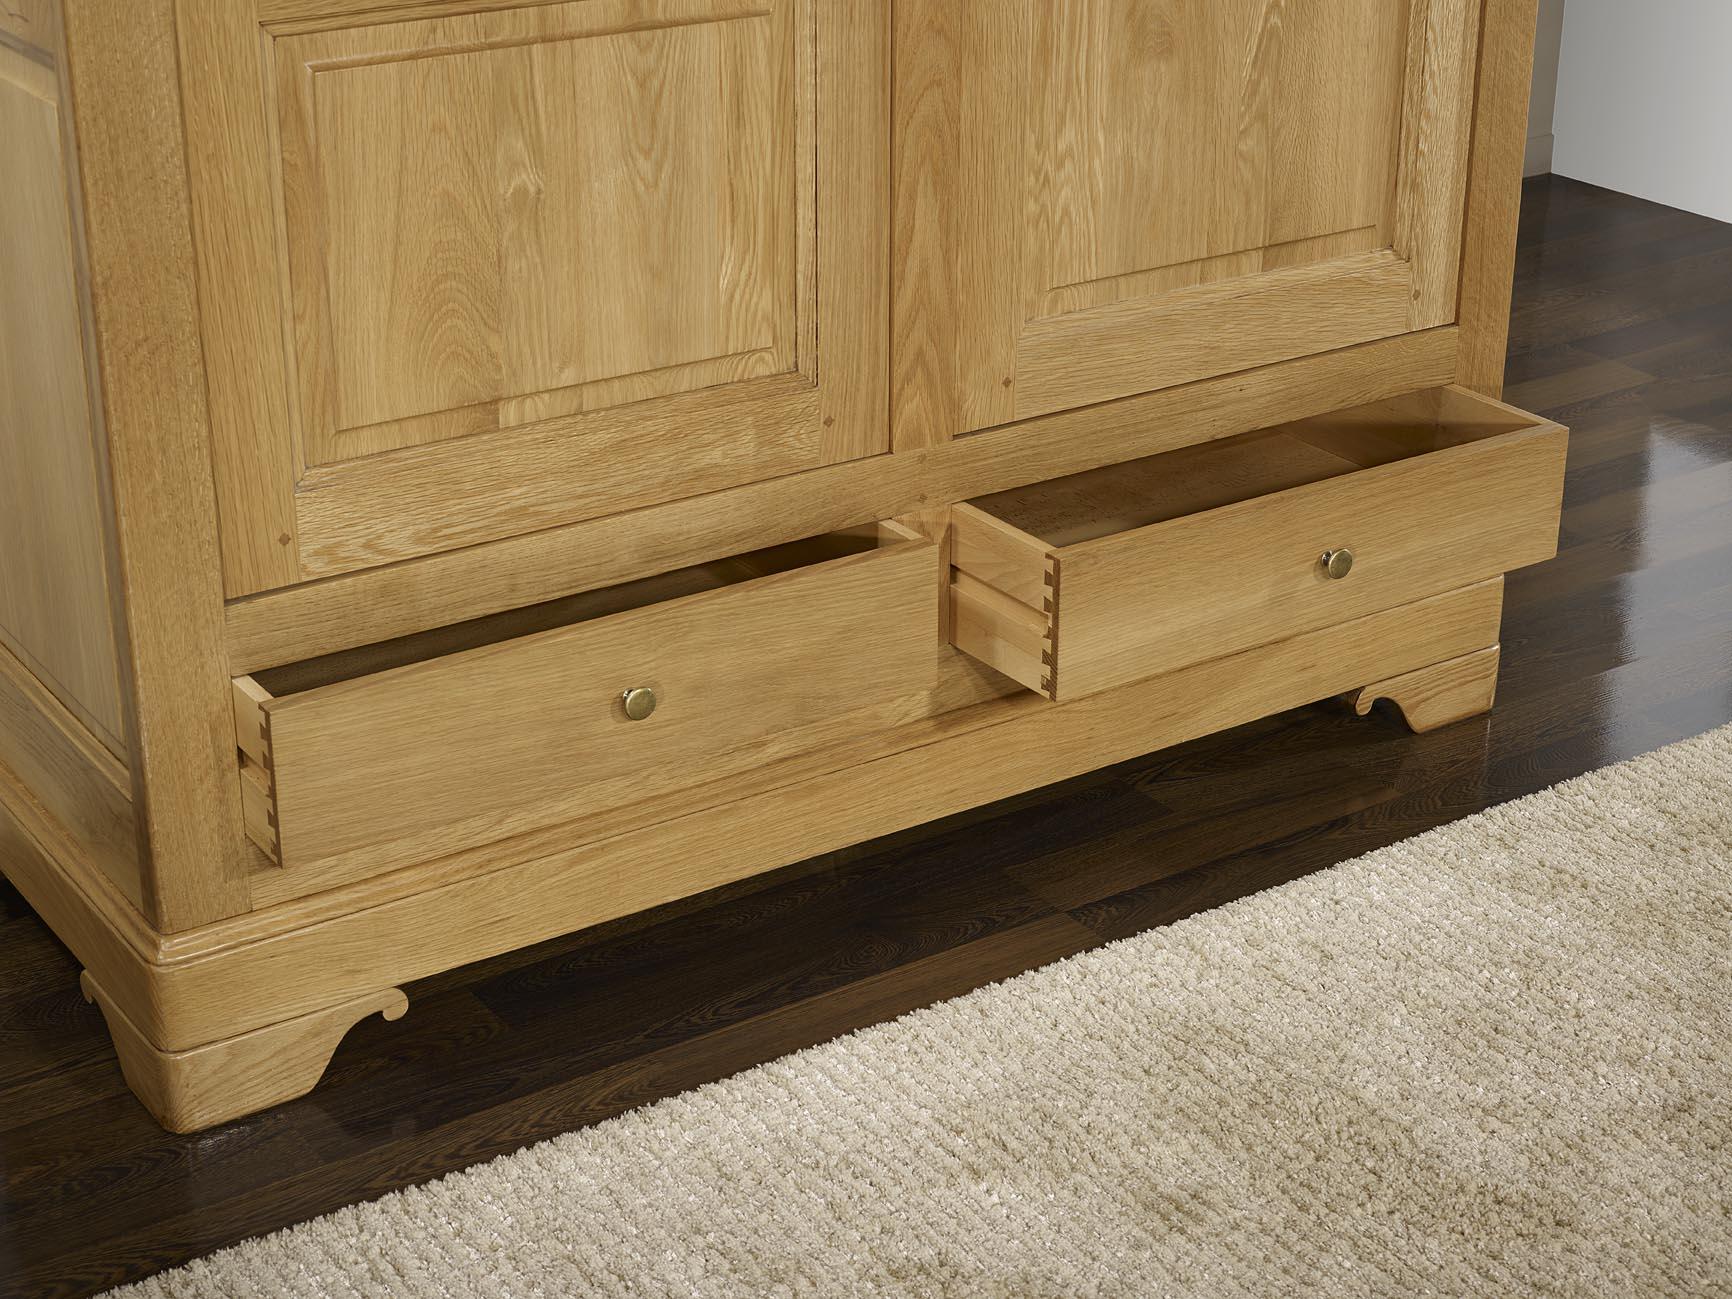 armoire 2 portes 2 tiroirs en ch ne massif de style louis. Black Bedroom Furniture Sets. Home Design Ideas